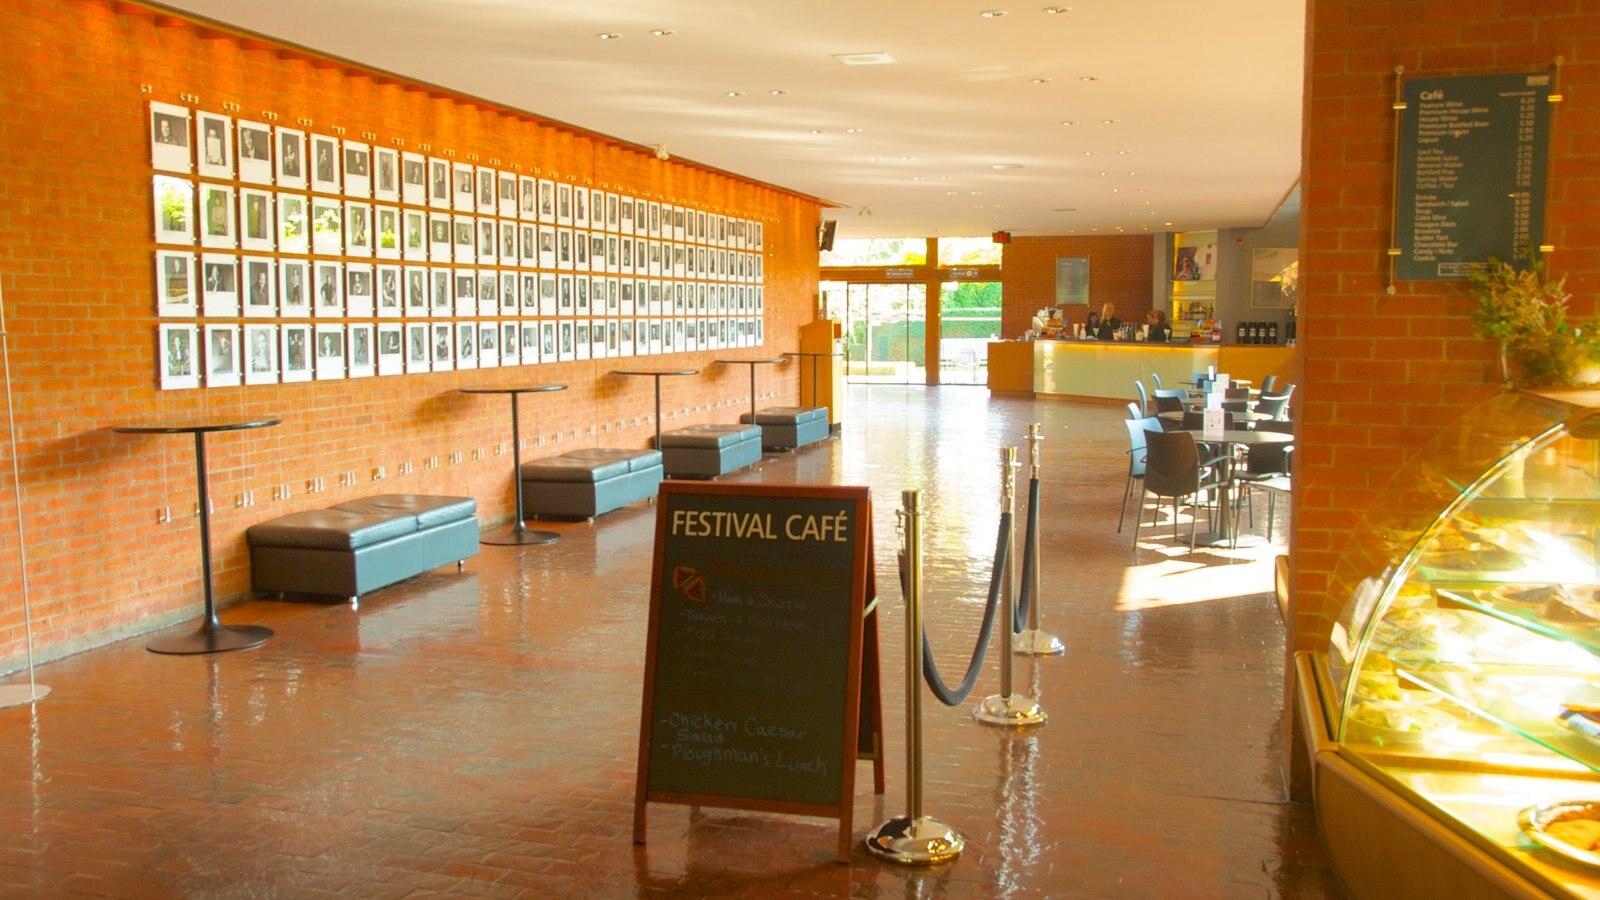 Niagara-on-the-Lake caracterizando vistas internas e cenas de cafeteria